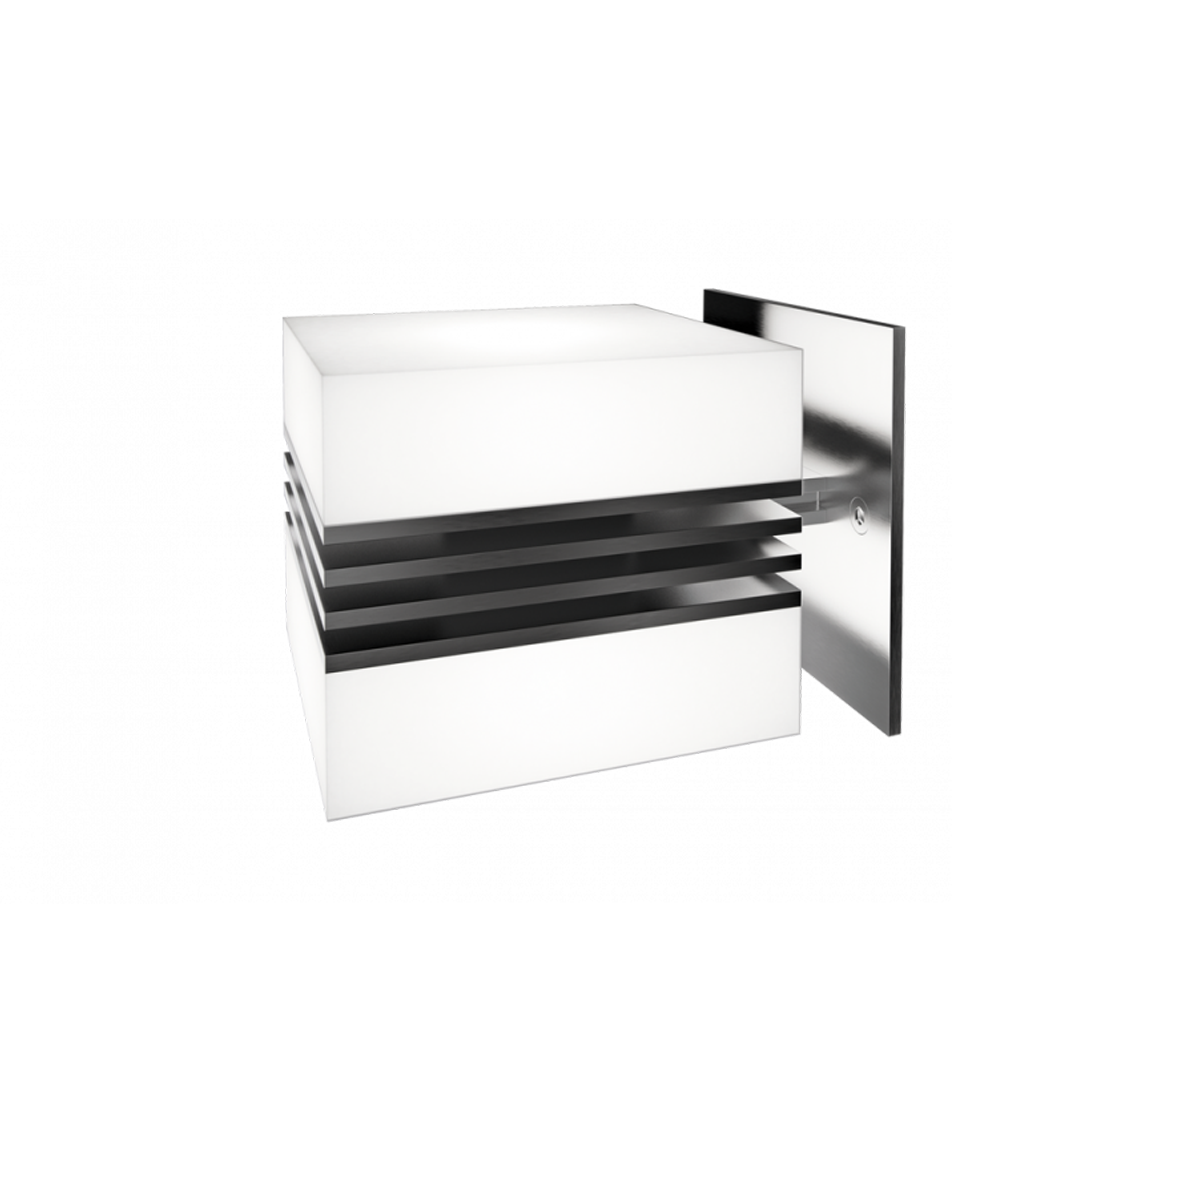 TRIF CUBE-UP-DOWN Светодиодные светильники для наружного и для внутреннего освещения